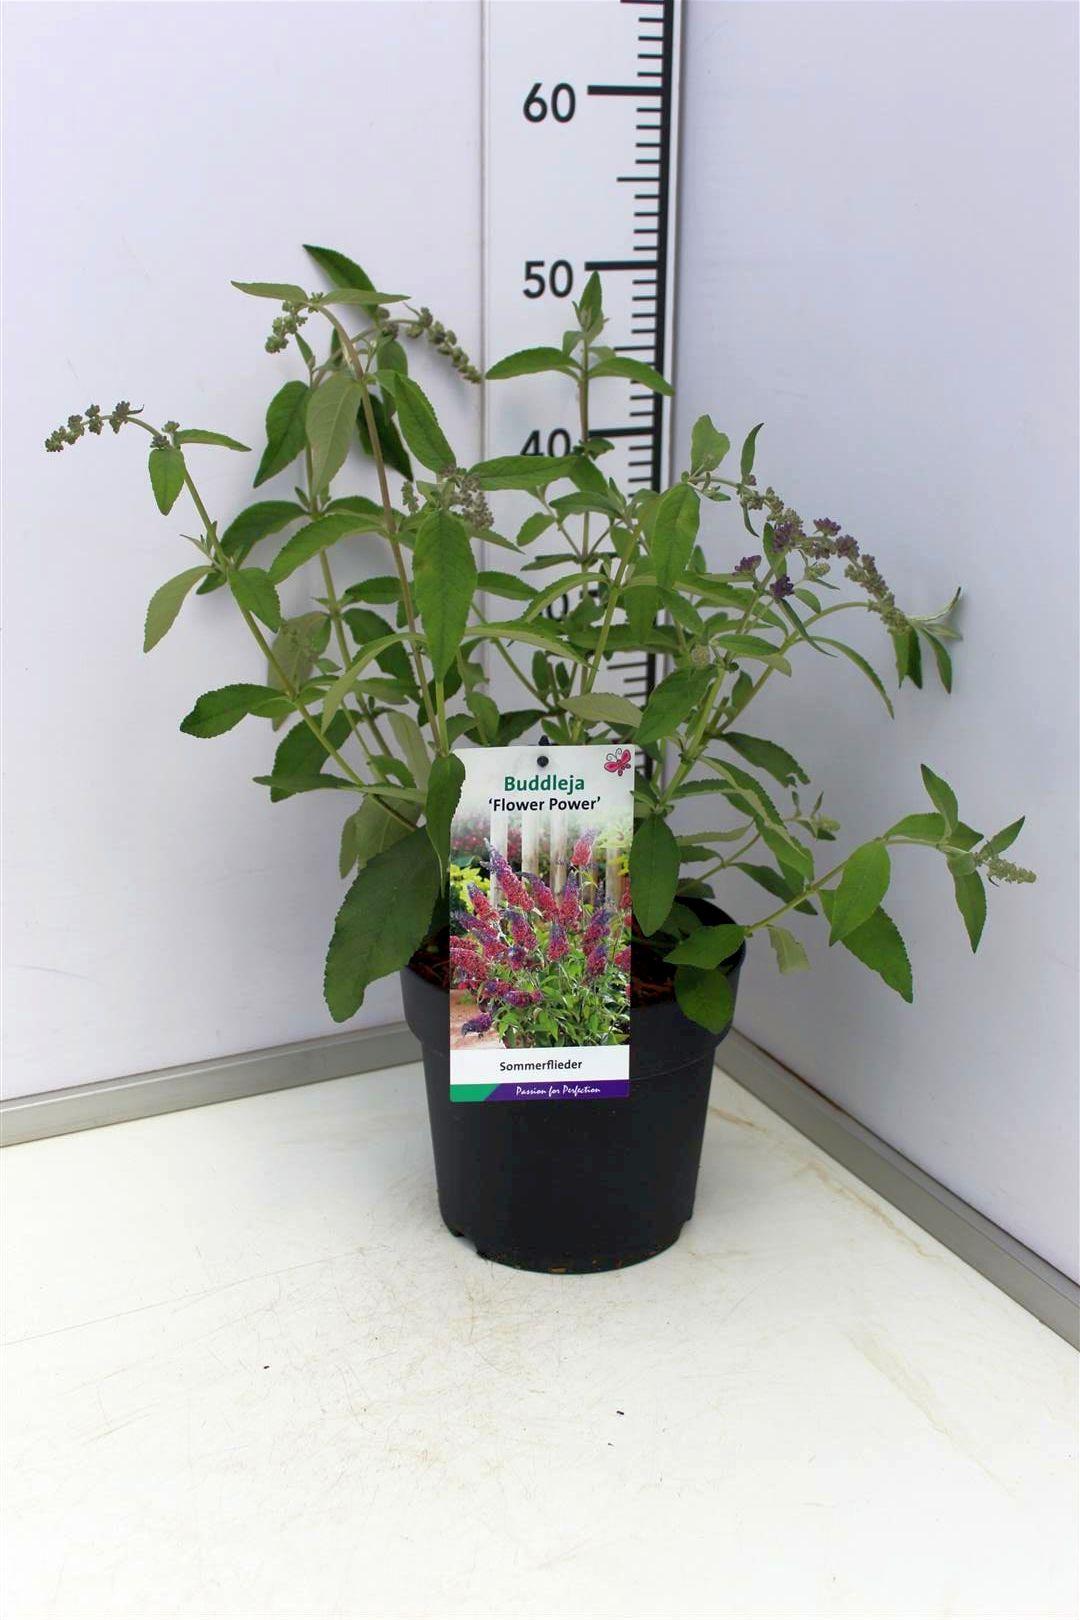 Sommerflieder Flower Power 40-60cm Buddleja